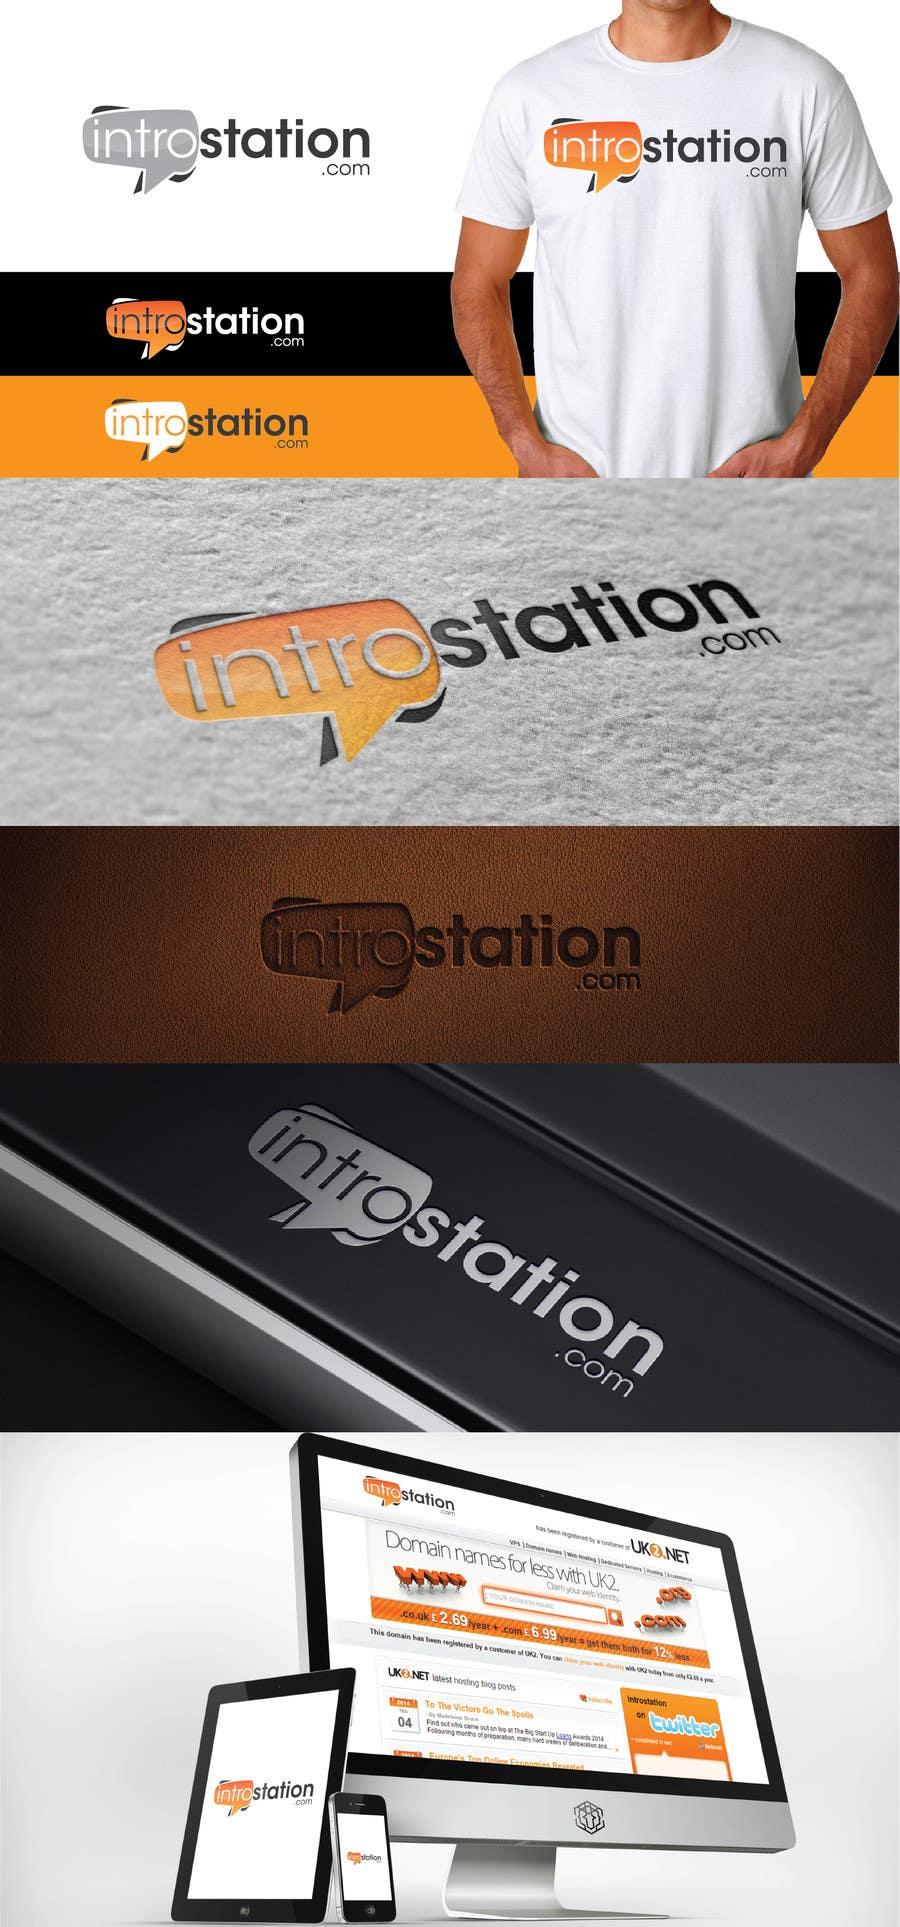 Konkurrenceindlæg #                                        31                                      for                                         Design a Logo & Choose Typeface